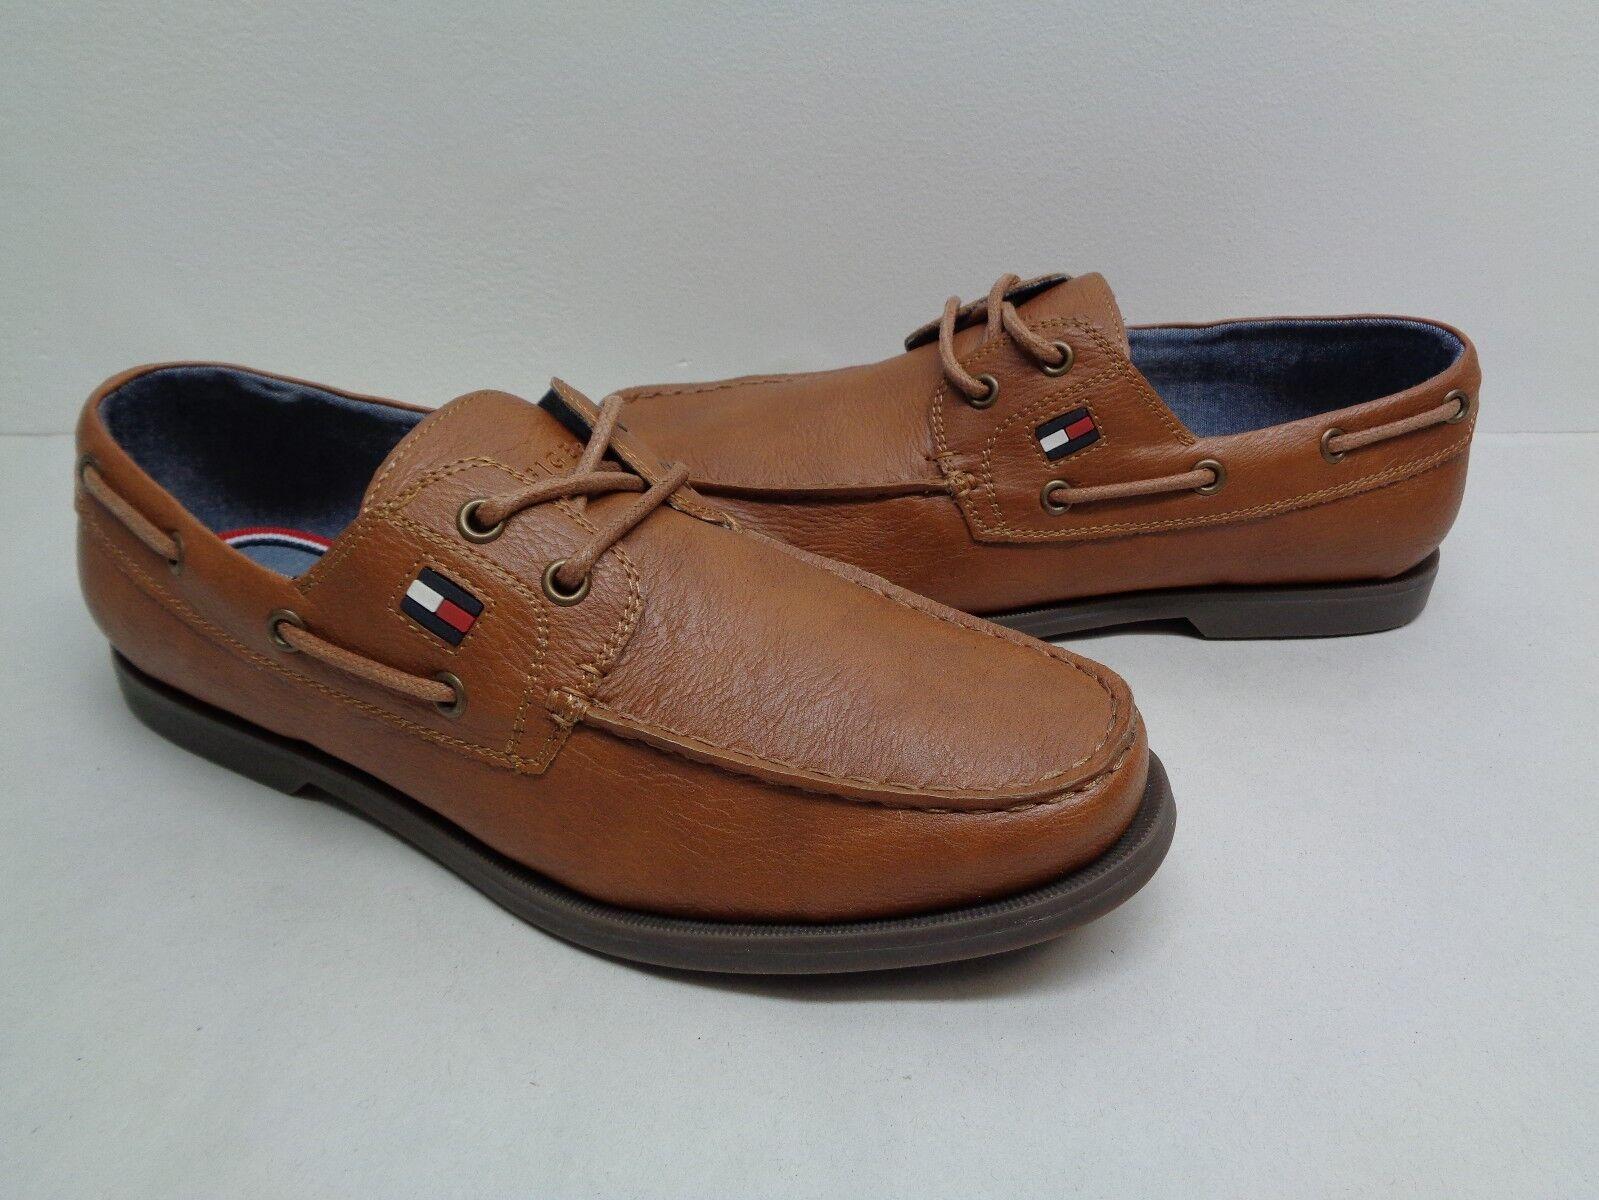 Tommy Hilfiger Size Size Size 9 M ALDEZ Tan Natural New Uomo Lace Boat Shoes 7e2c1d